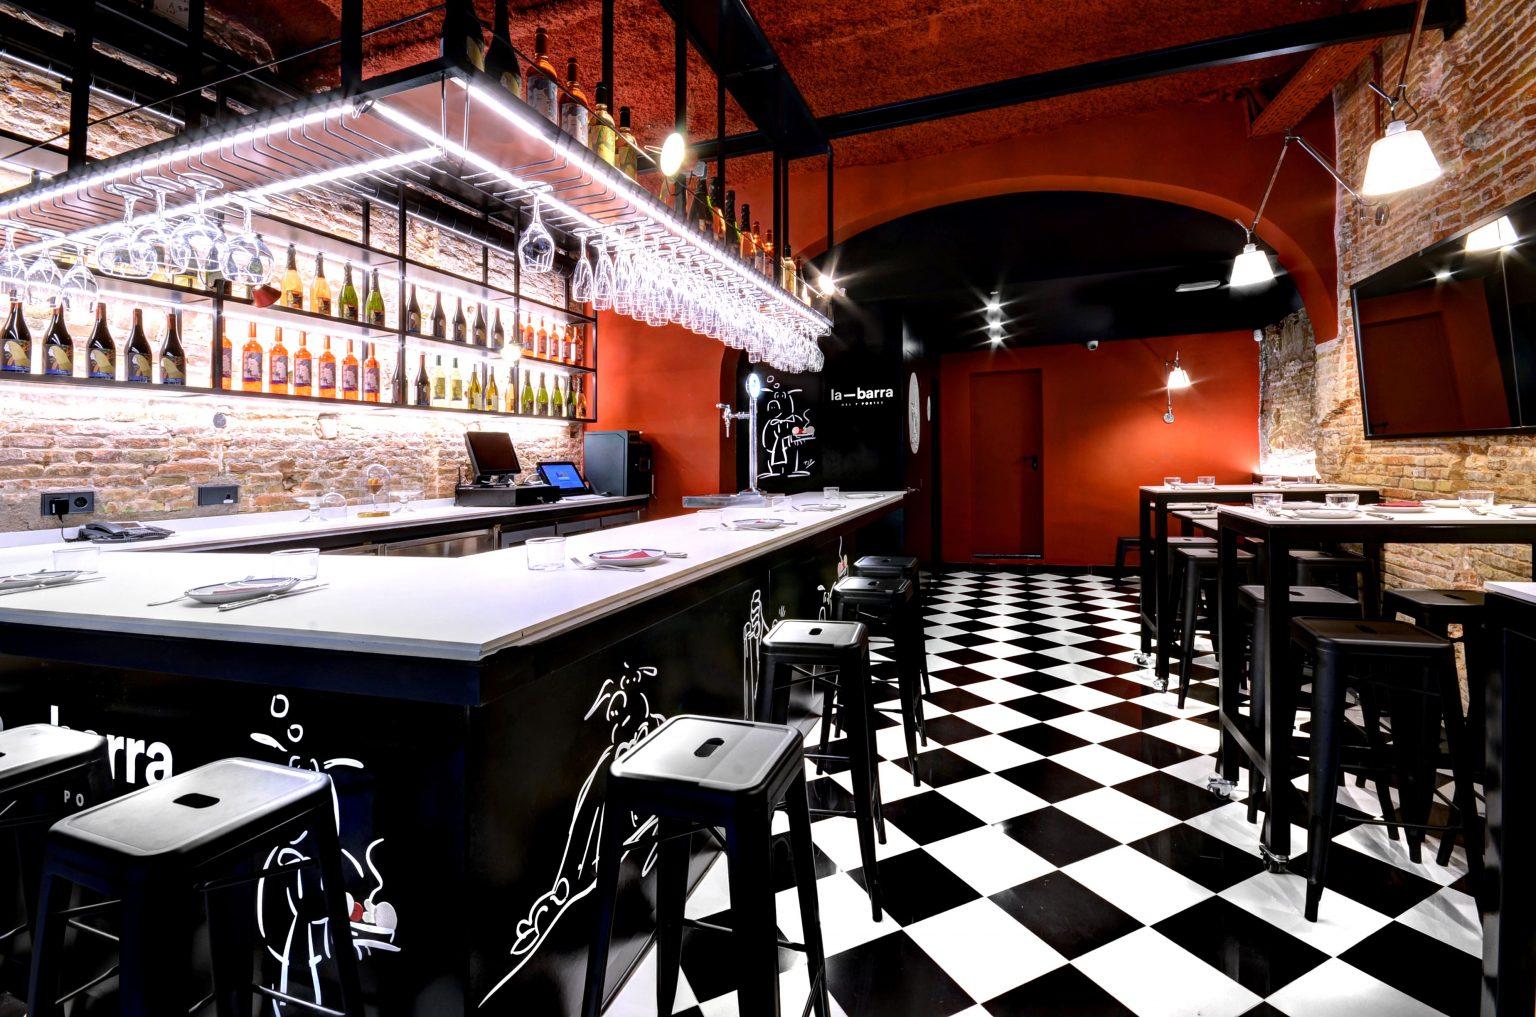 restaurante-7-puertas-instalacion-de-ventilacion